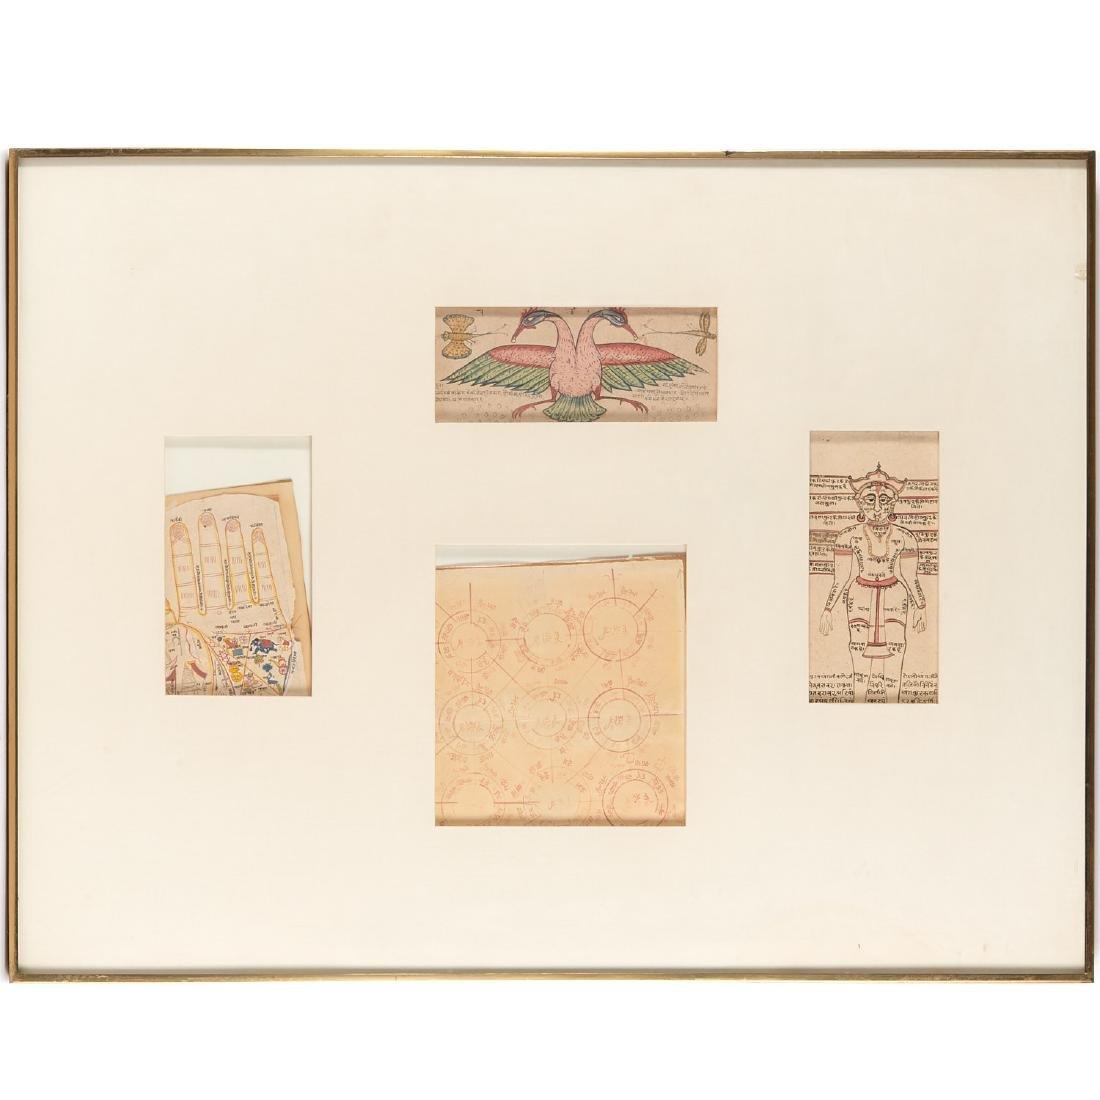 Group (4) Jain color diagram drawings